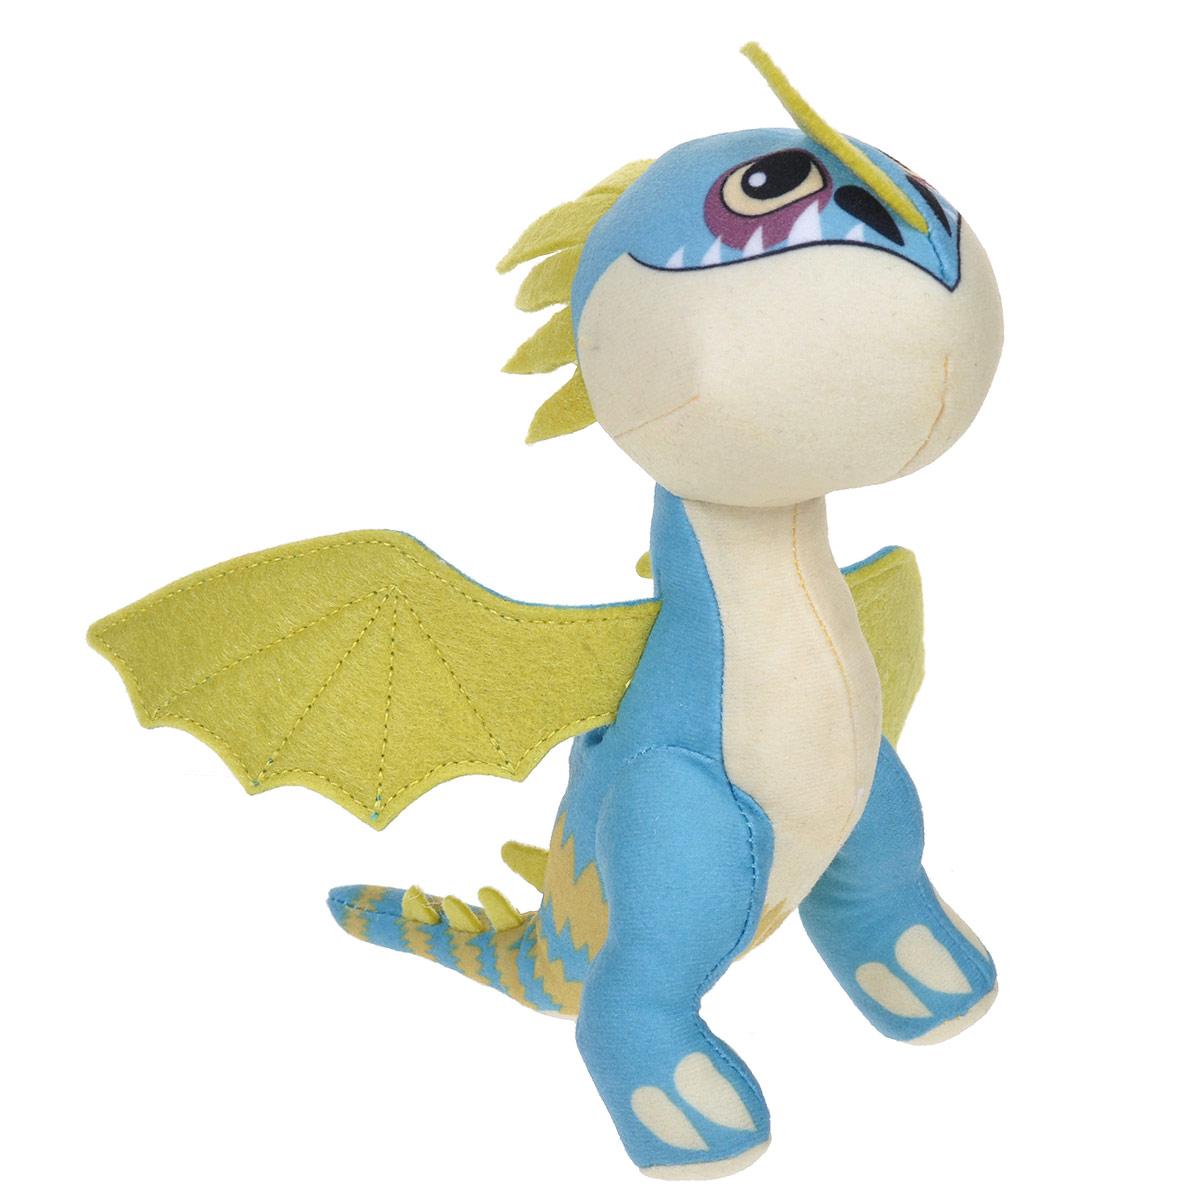 Мягкая игрушка Dragons Змеевик, цвет: голубой, желтый, 18 см66572Мягкая плюшевая игрушка Dragons Змеевик, вызовет улыбку у каждого, кто ее увидит. Игрушка выполнена из приятного на ощупь текстильного материала в виде дракона - точной копии дракона из мультфильма Как приручить дракона 2. У игрушки большие глазки и большие крылья. Эта забавная игрушка принесет радость и подарит своему обладателю мгновения приятных воспоминаний. Такая игрушка станет отличным подарком вашему ребенку!